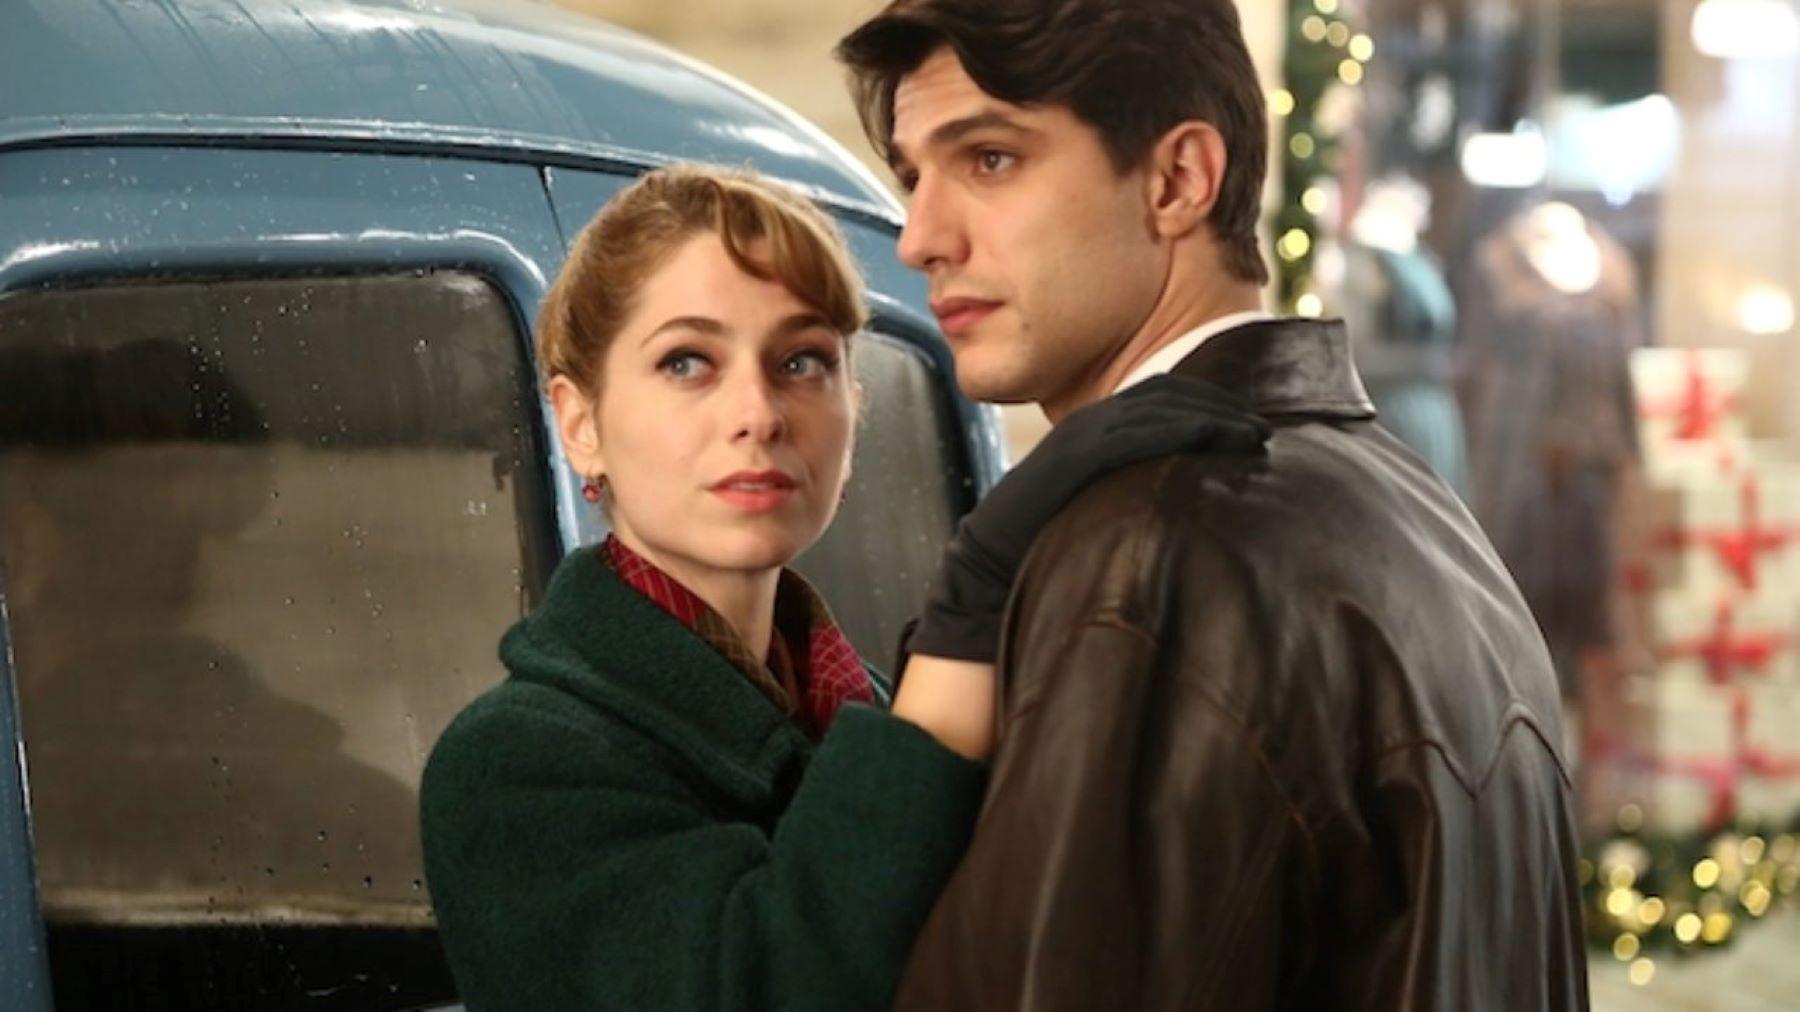 Il Paradiso delle signore, trame: Roberta rinuncia alla carriera per Marcello